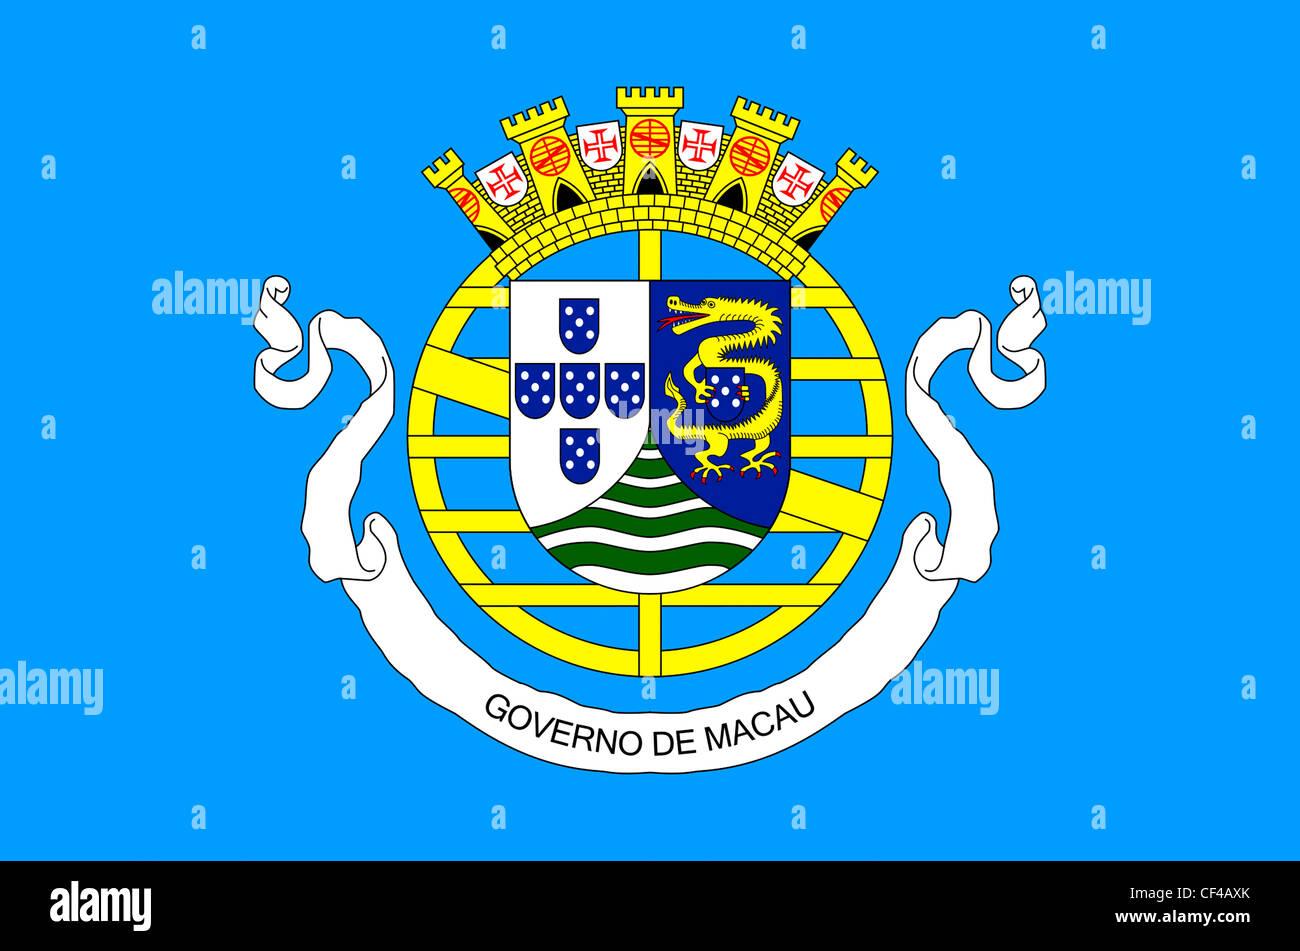 Flagge der Regierung der portugiesischen Macao 1976 bis 1999. Stockbild